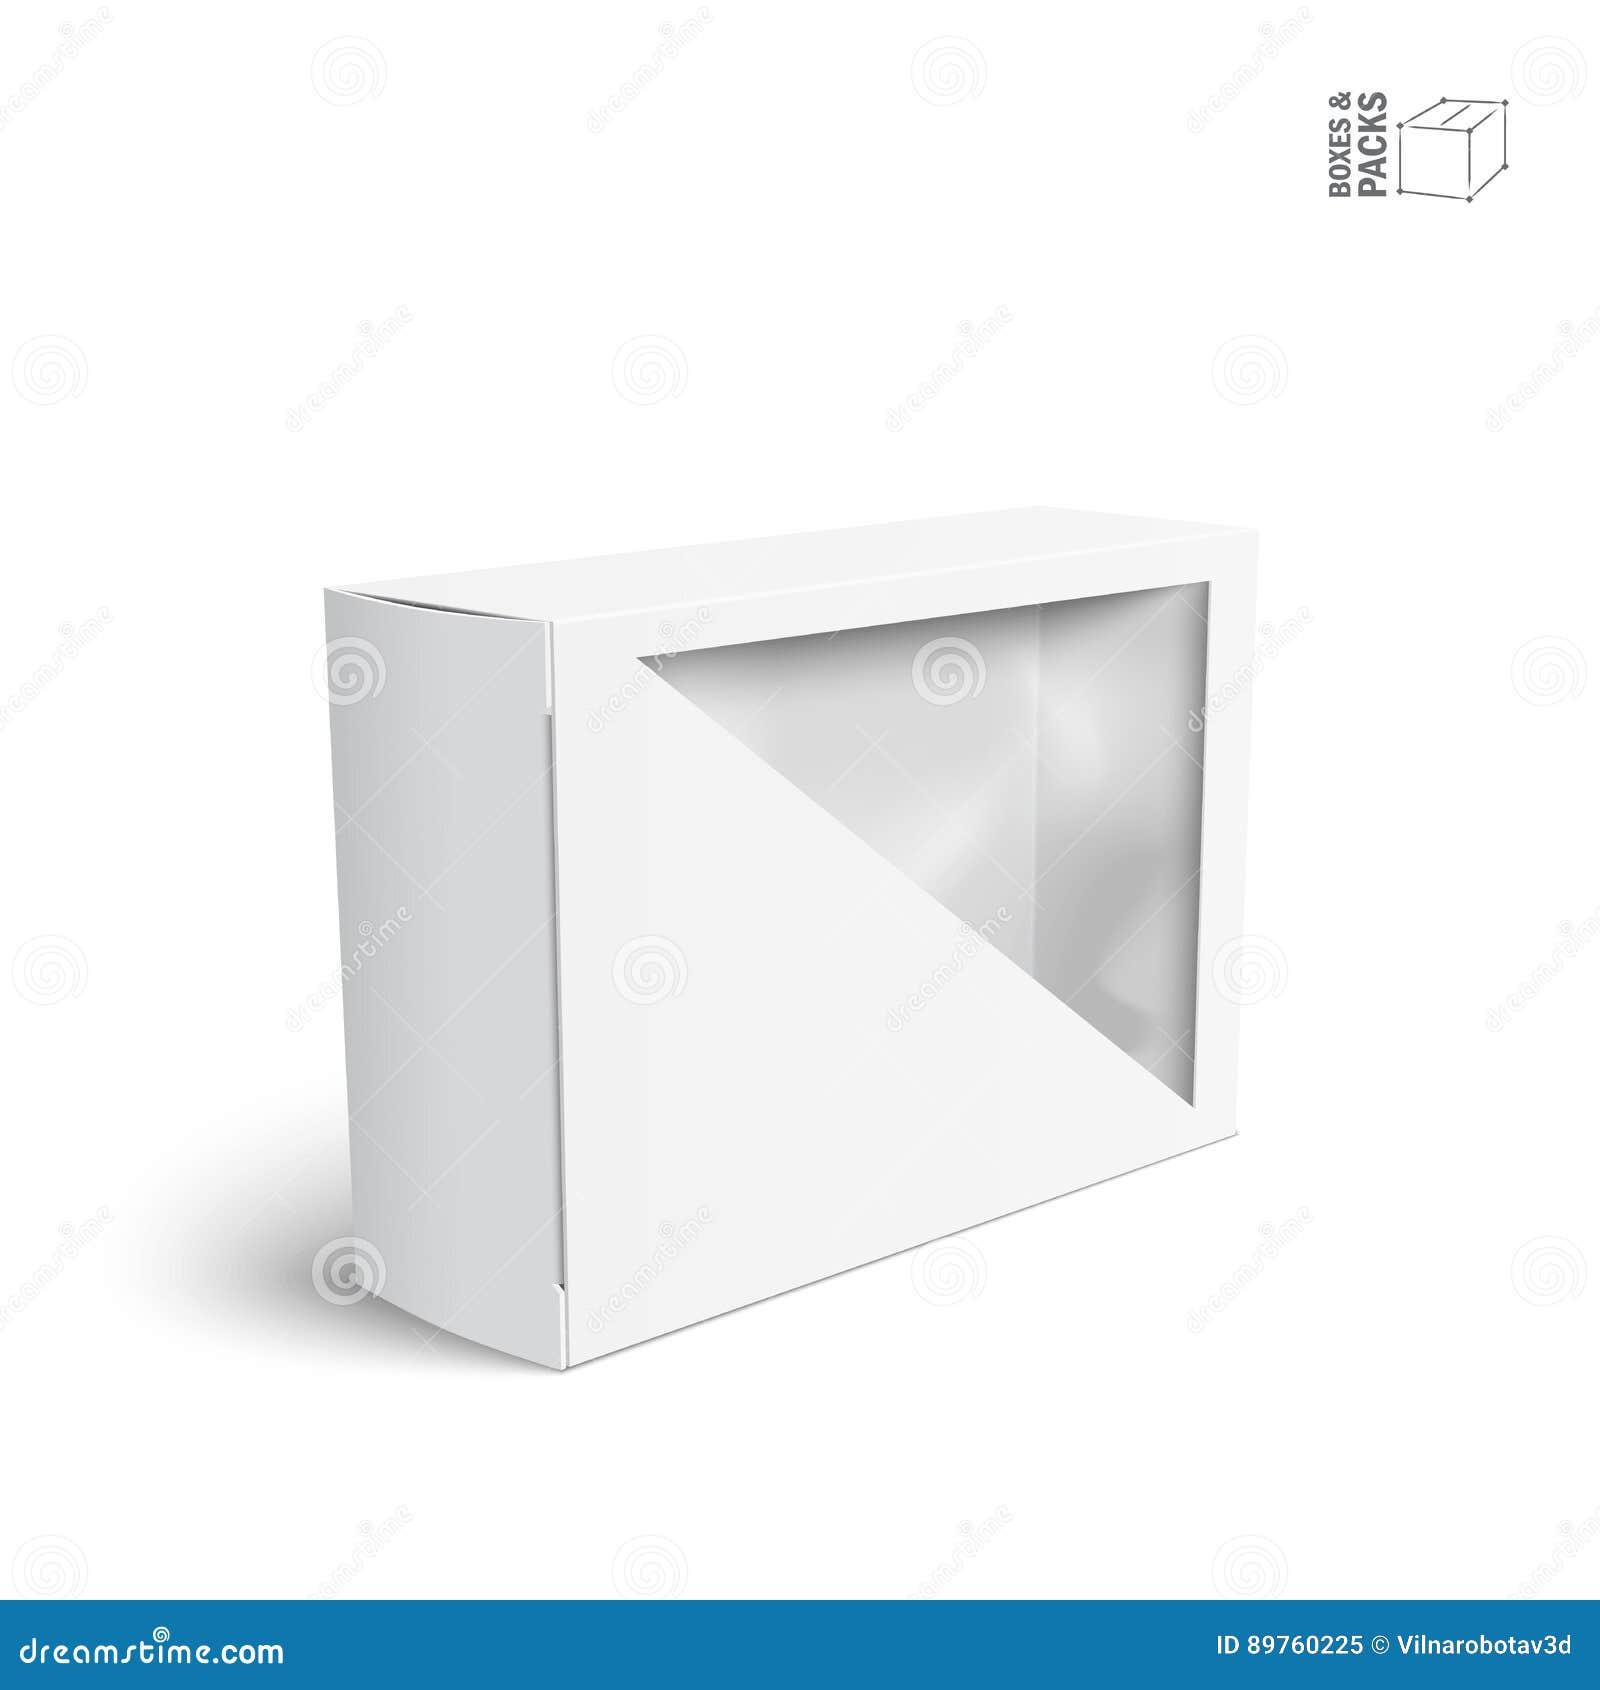 Anspruchsvoll Mypaketkasten Foto Von Pattern Weißer Vektor-produkt-paket-kasten Mit Fenster Vektor Abbildung